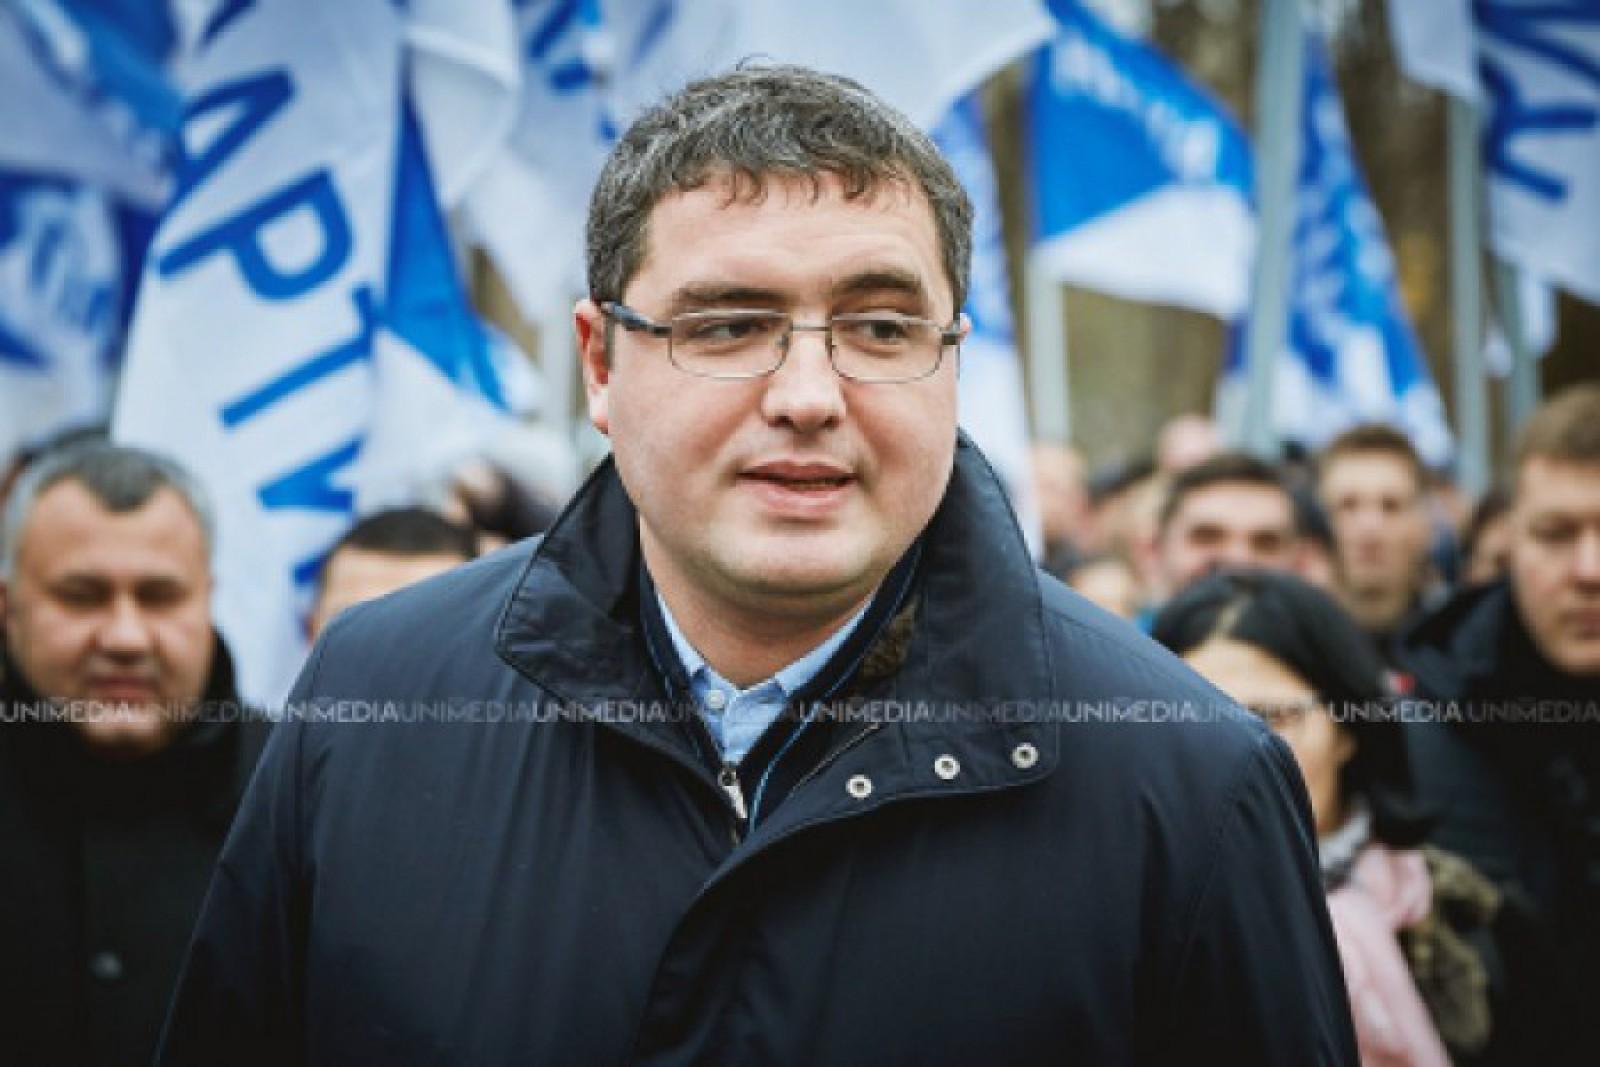 Usatîi, despre decizia CEC: Îndemn toate forțele politice reale să declare boicot alegerilor parlamentare în baza sistemului mixt